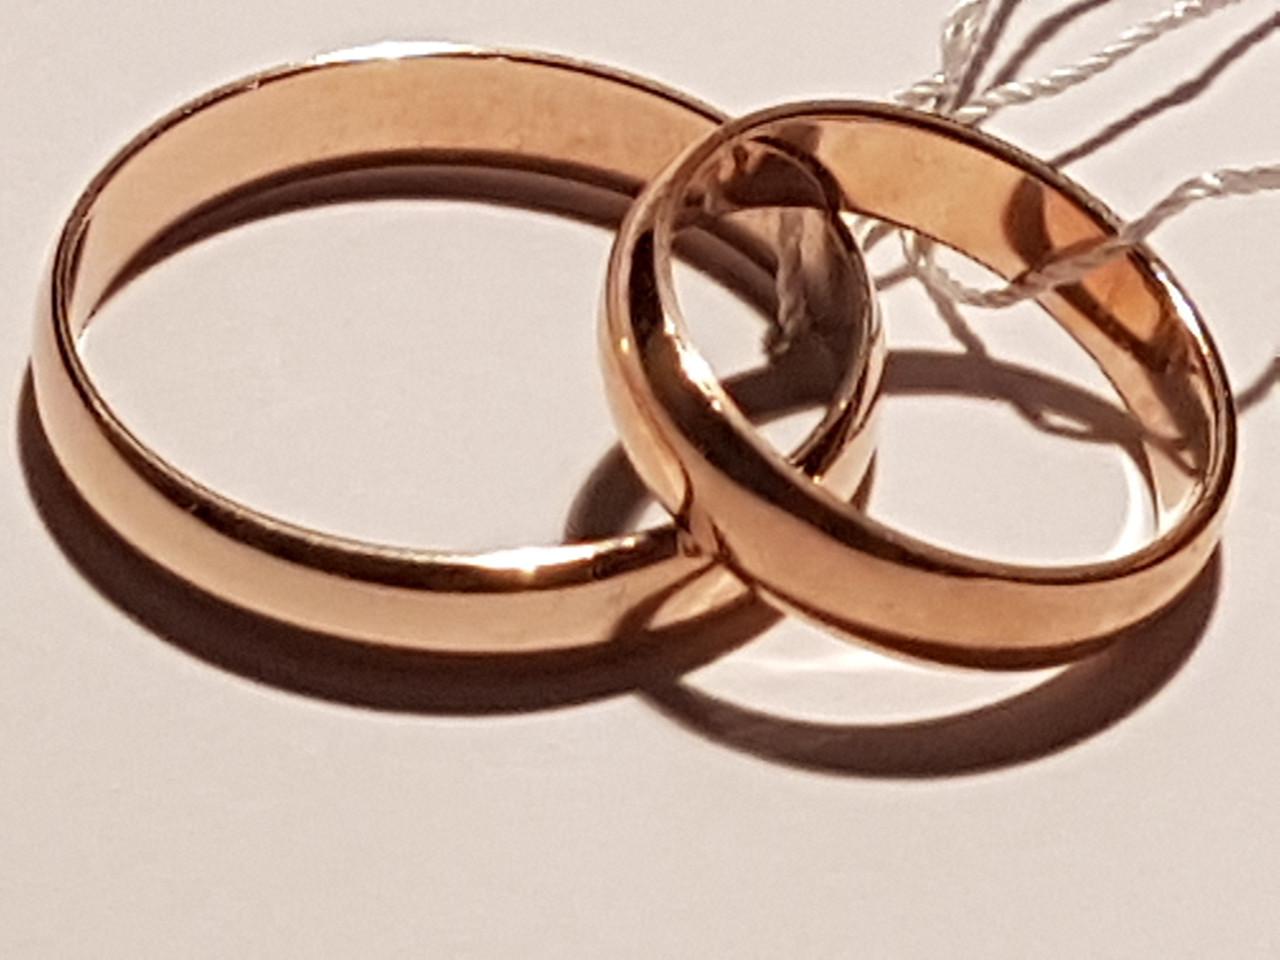 Обручальное золотое кольцо. Артикул ОК015.4